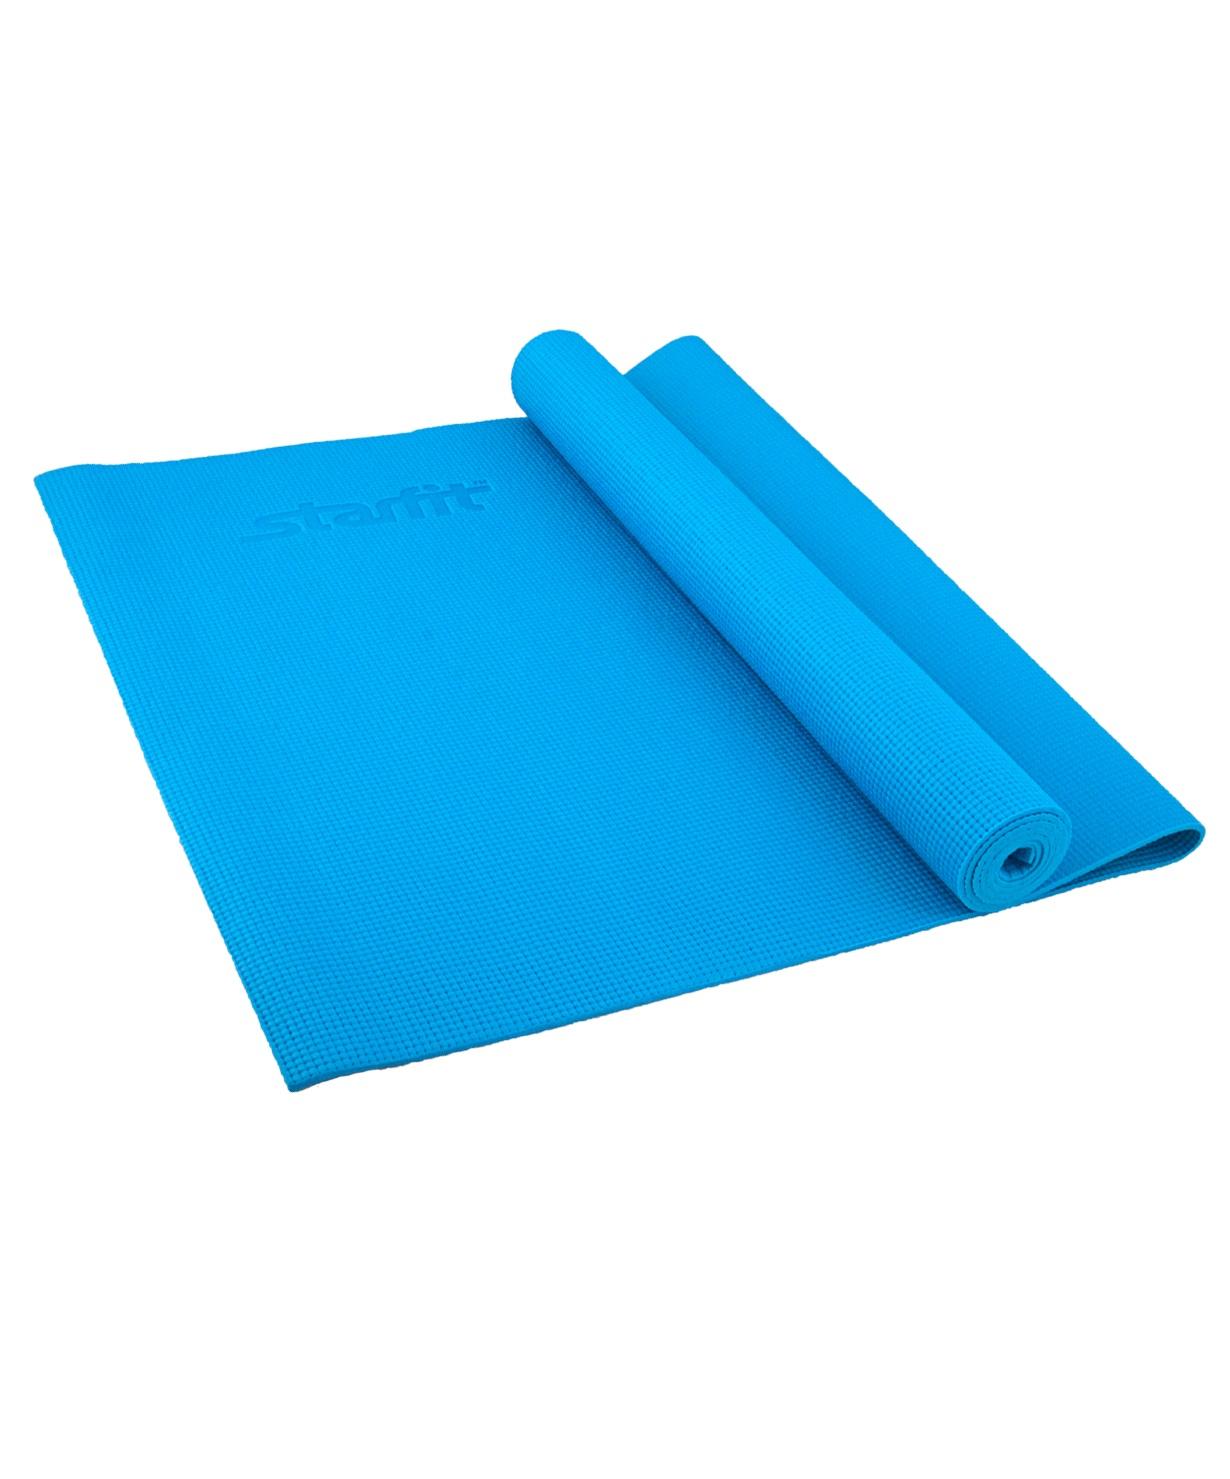 Коврик для йоги FM 101, PVC, 173x61x0,4